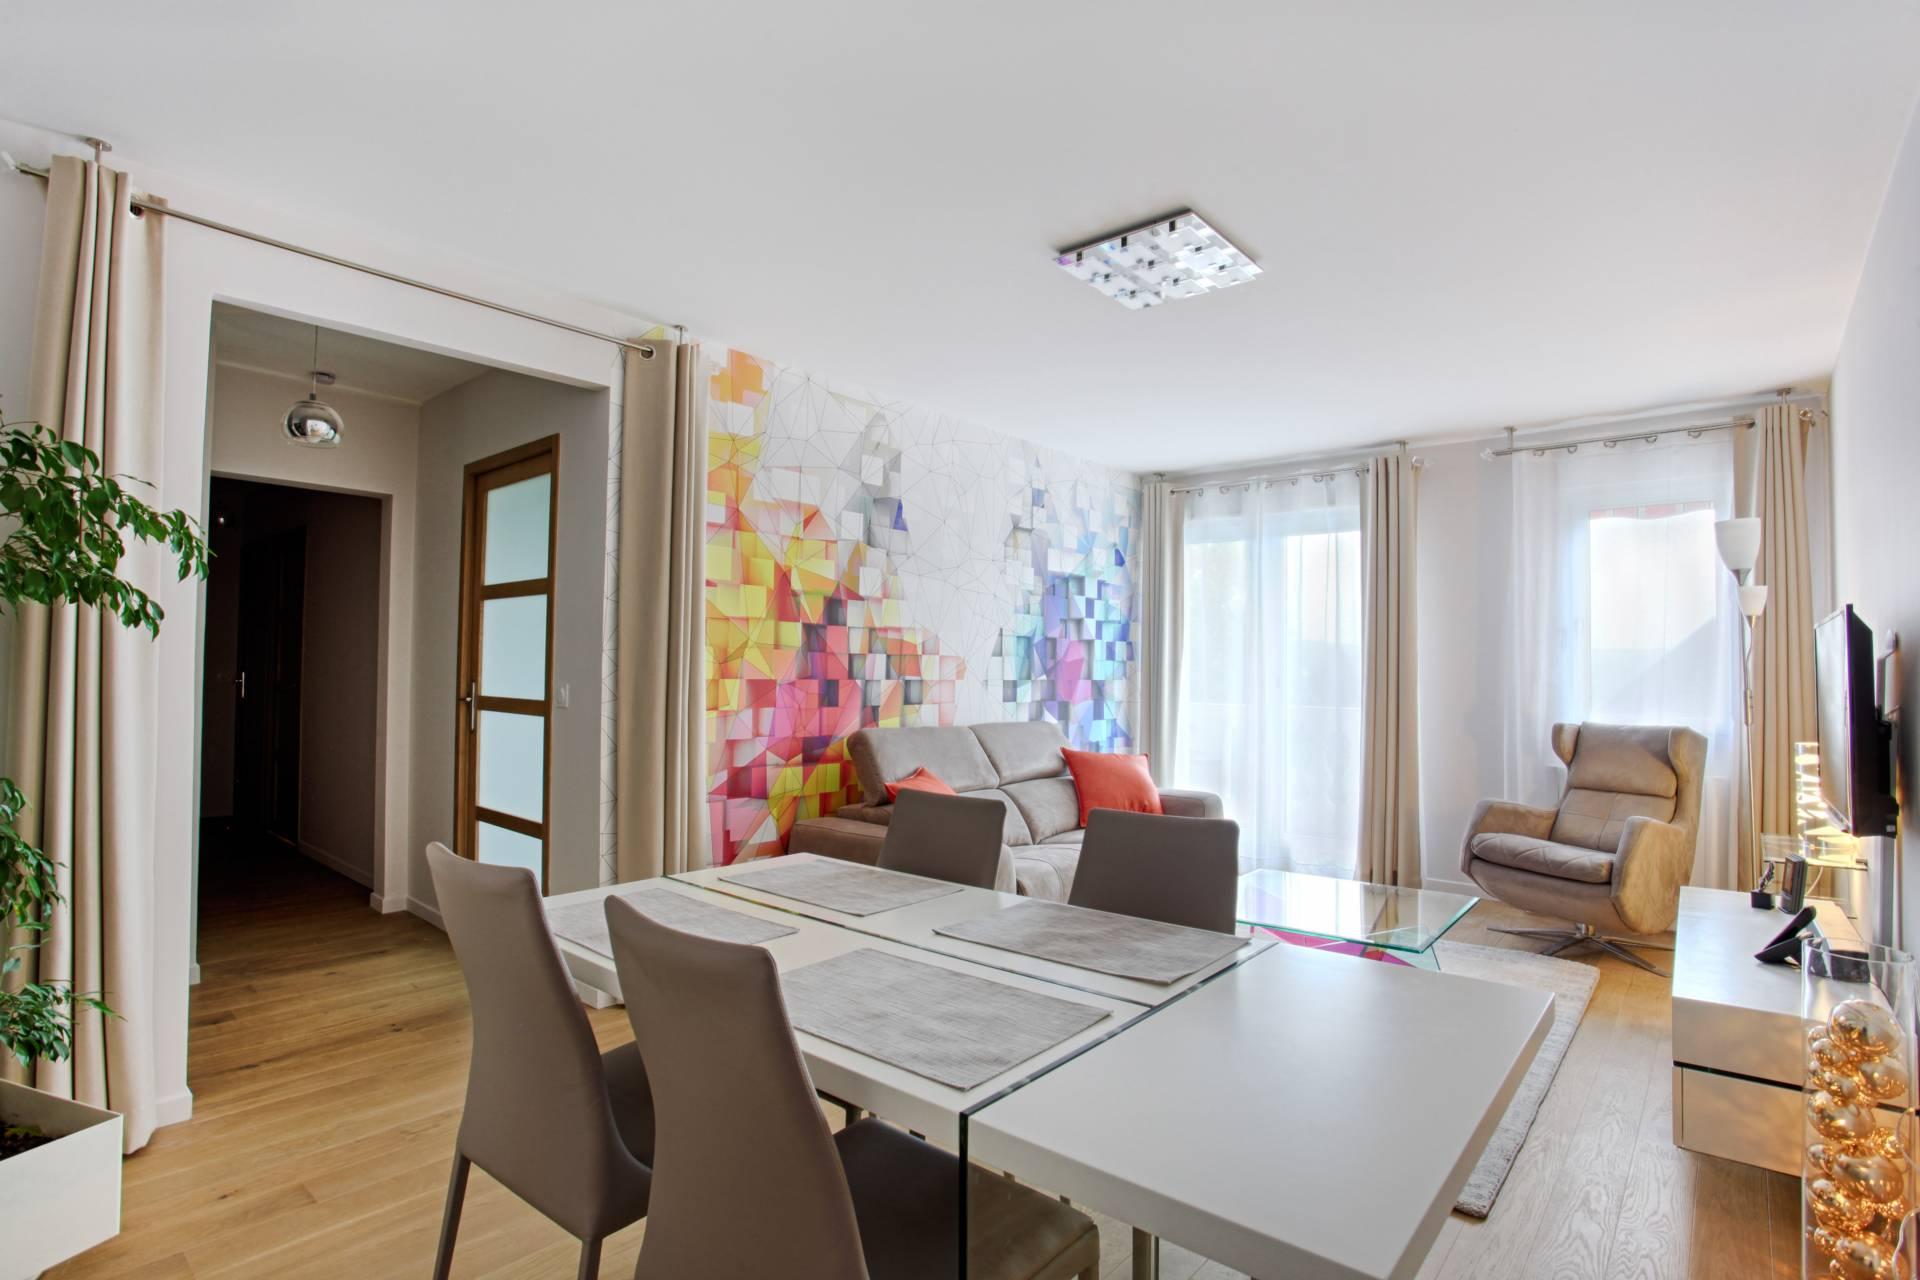 Rénovation complète d'un appartement à Avon